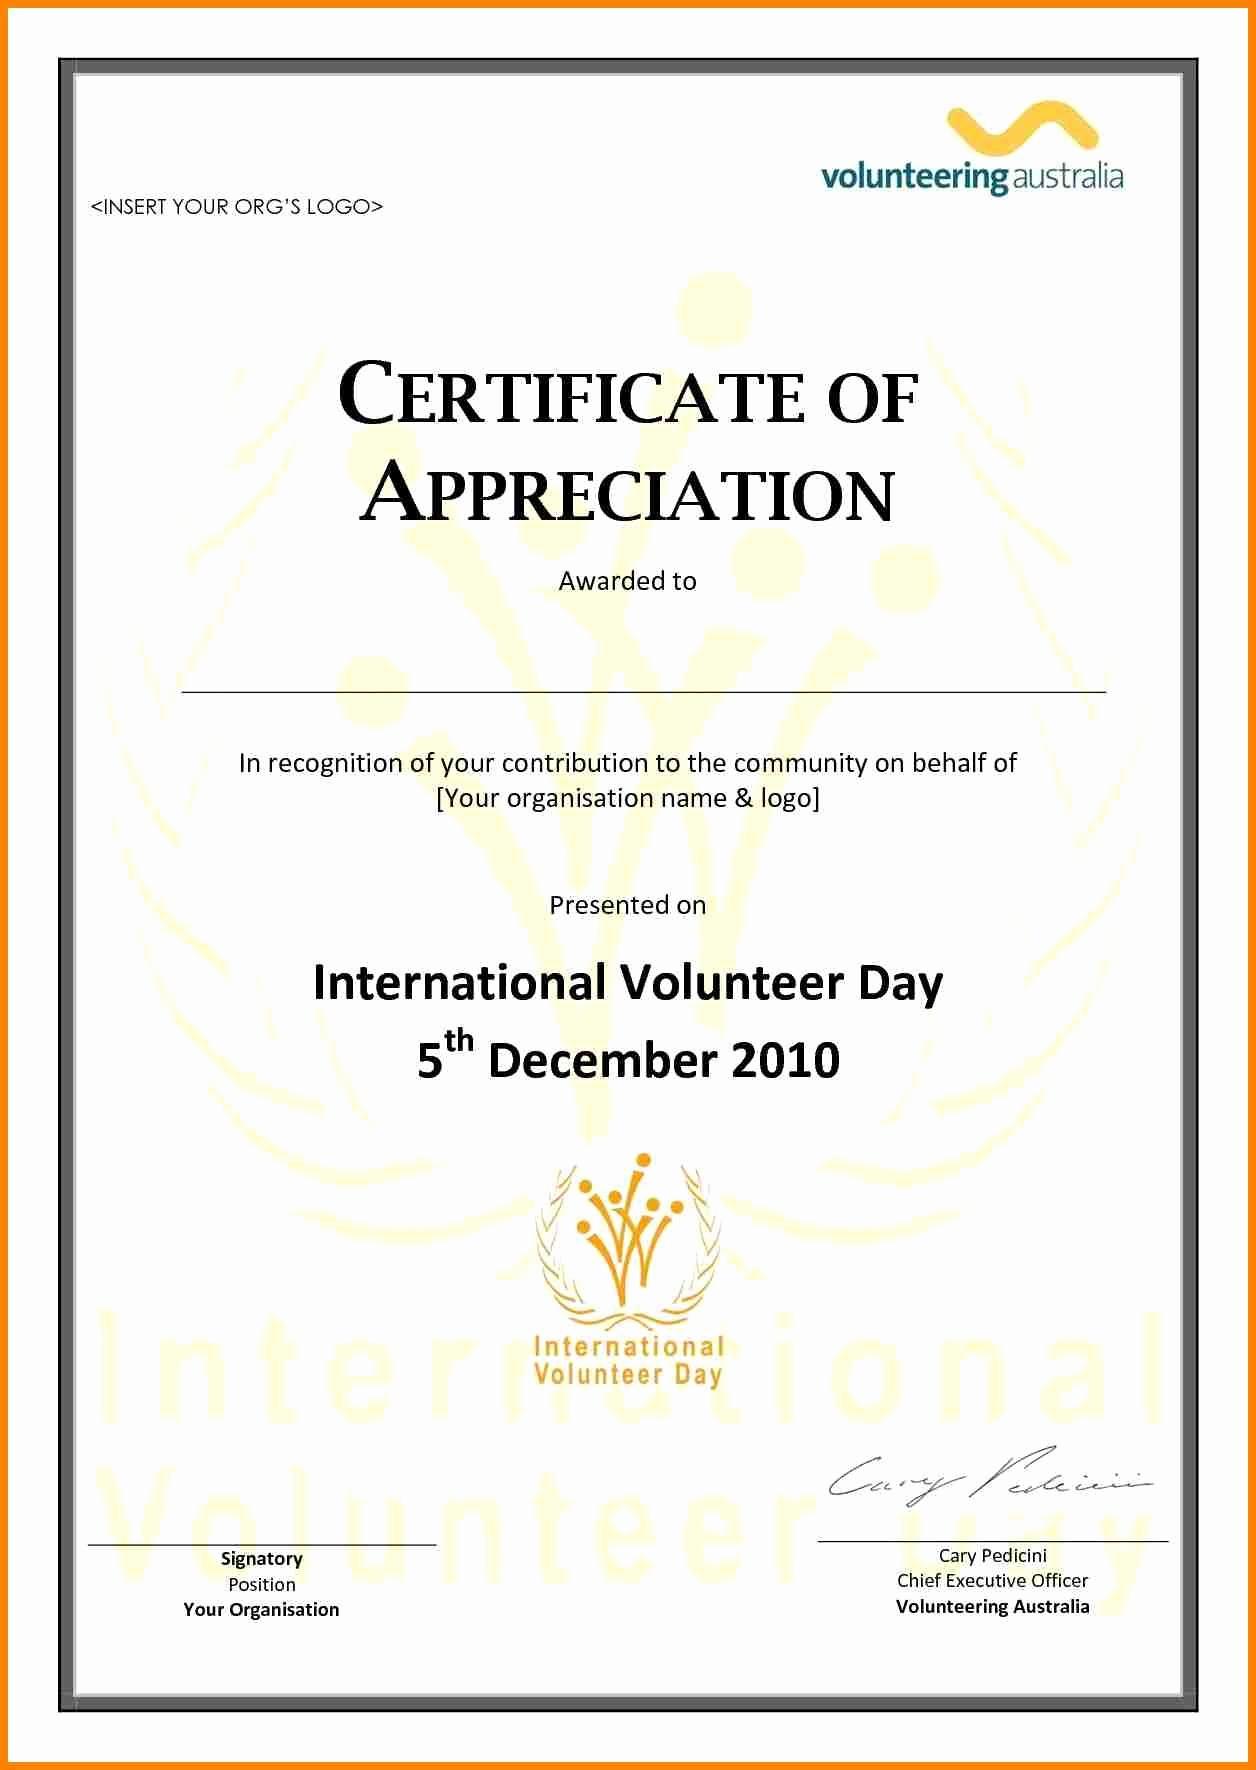 Free Printable Volunteer Certificates Of Appreciation - Tduck.ca - Free Printable Volunteer Certificates Of Appreciation